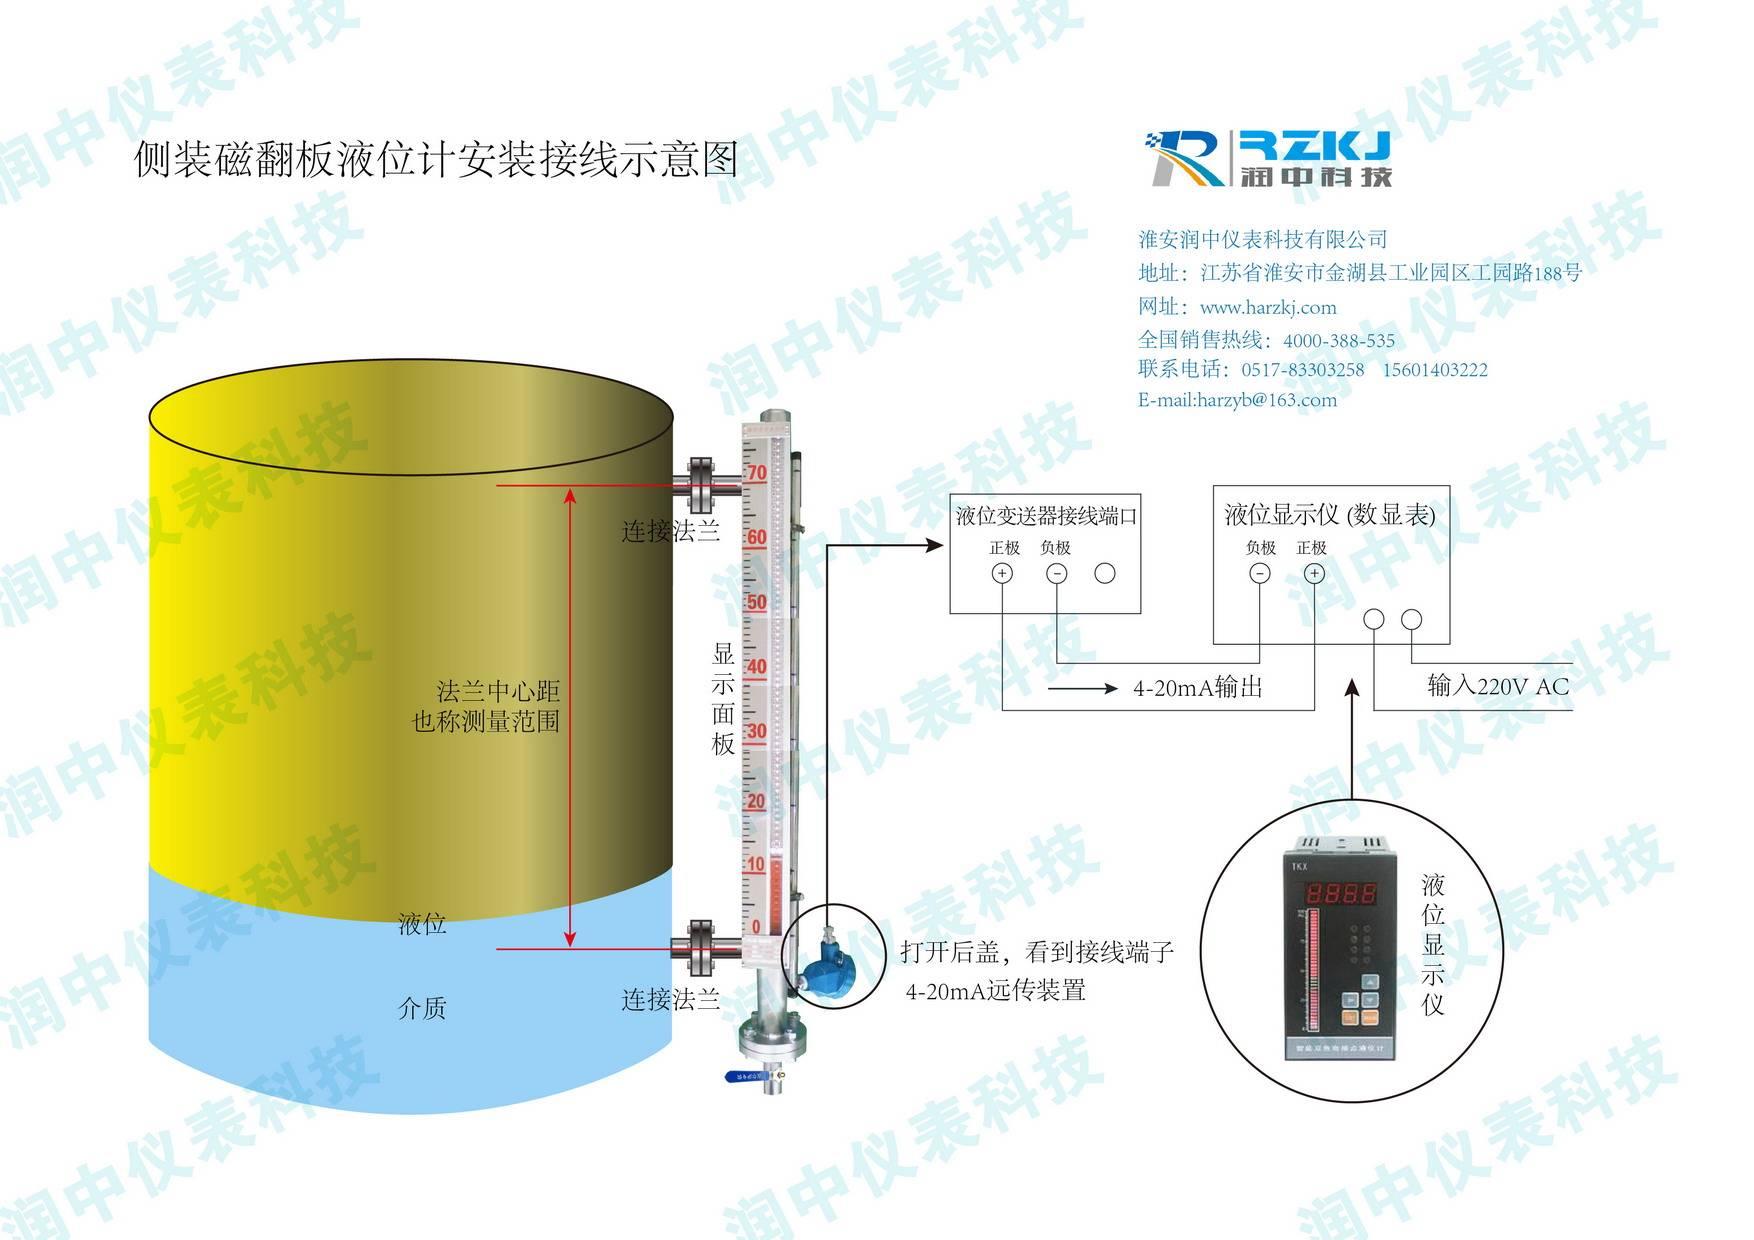 磁翻板液位计配套远传装置的要求及出现假液位的解决办法